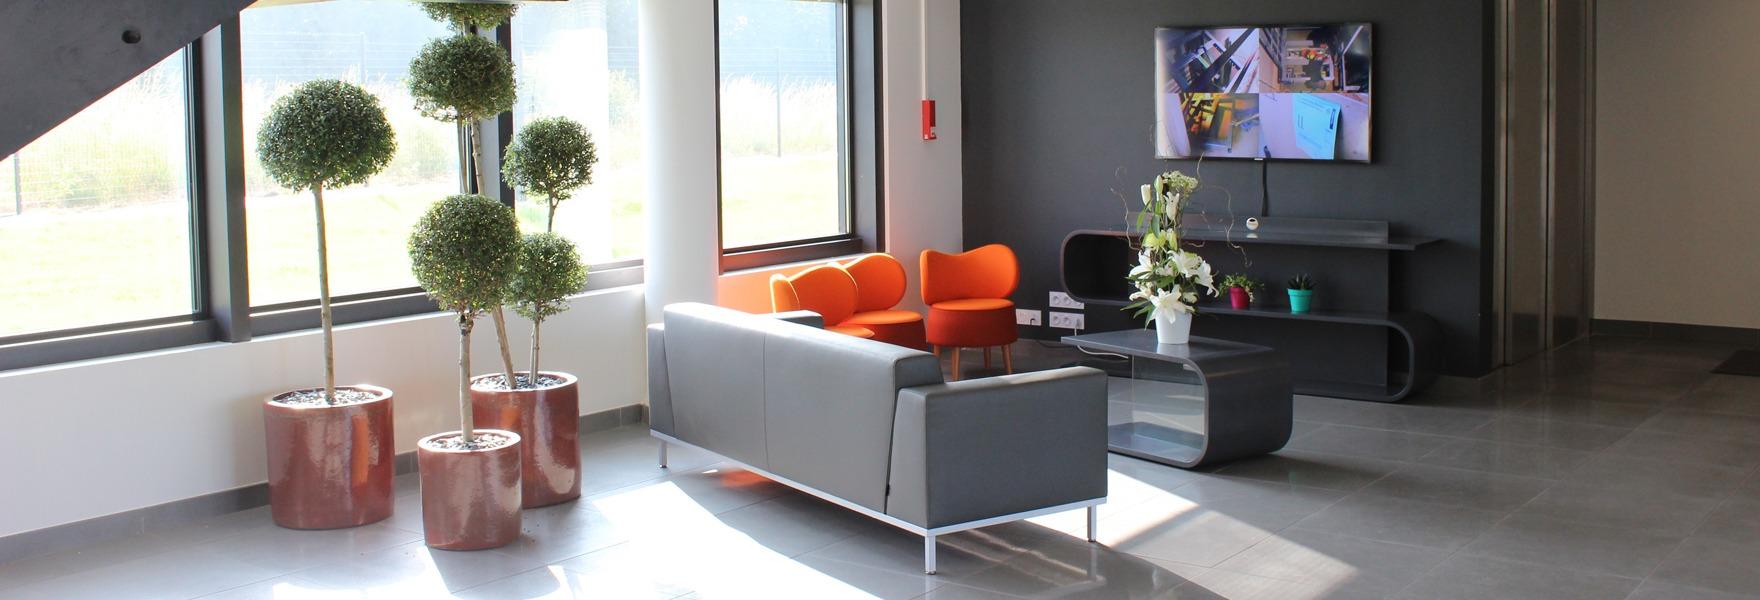 Conception de banque d'accueil et comptoir d'accueil design - Creativ Mobilier